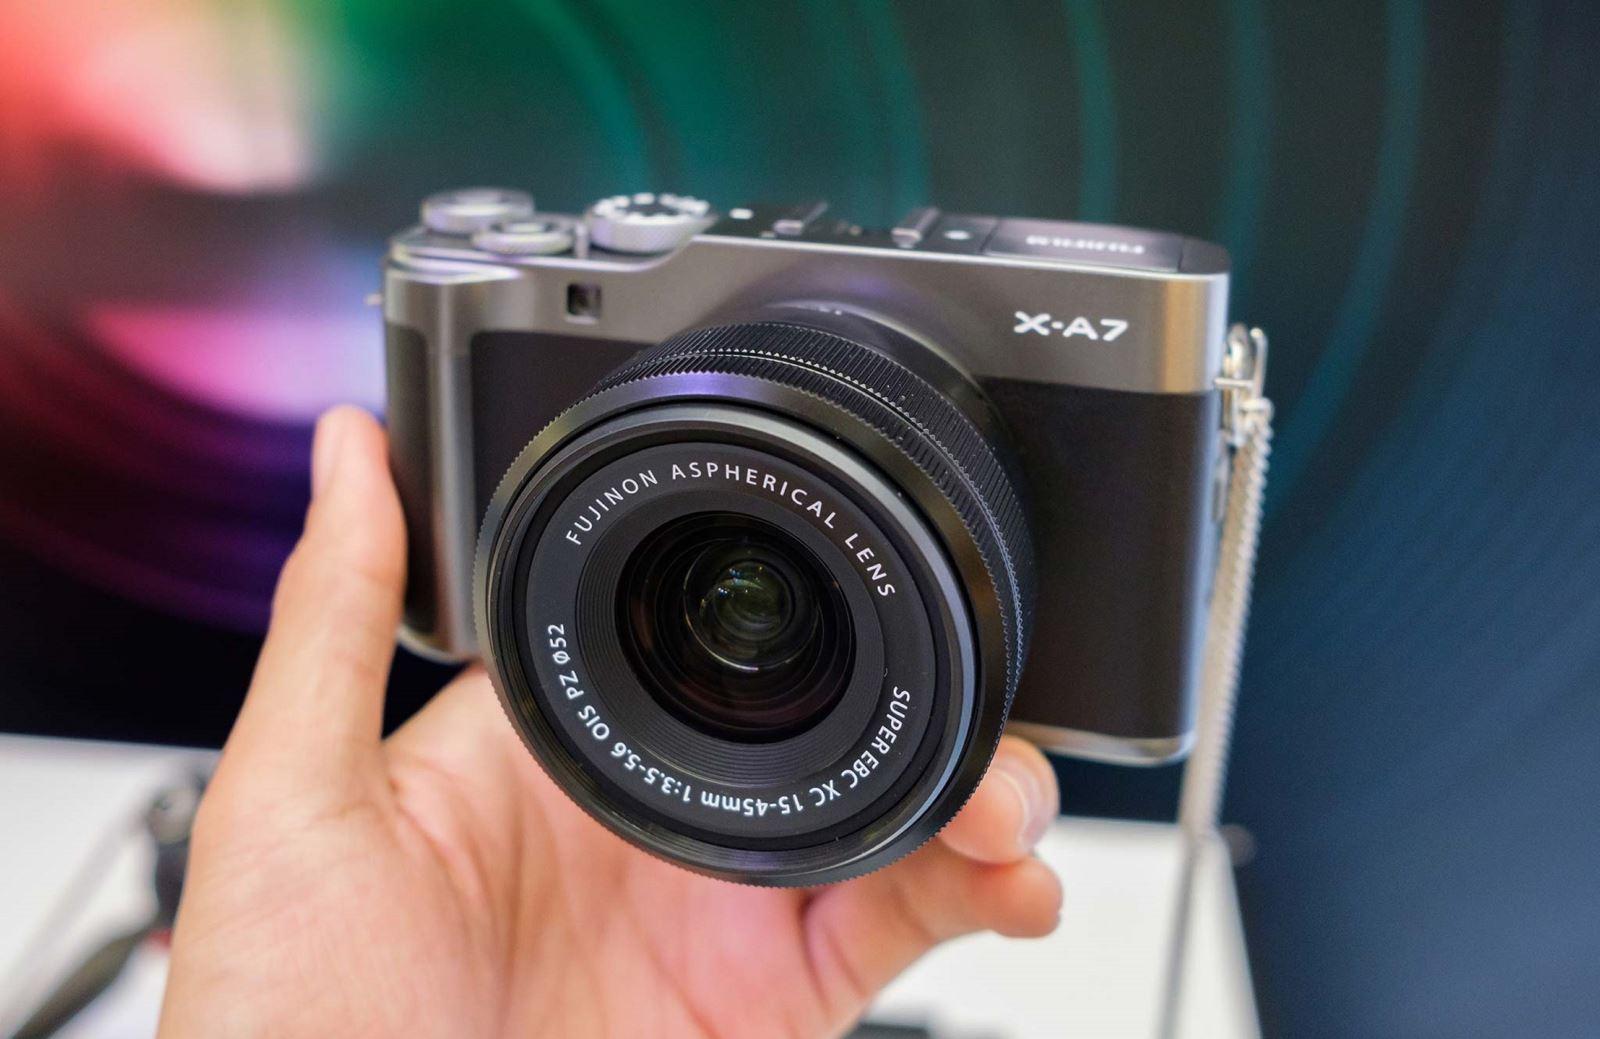 Trên tayFujifilm X-A7: Quay 4K, thiết kế gọn nhẹ, chất lượng ảnh vượt trội